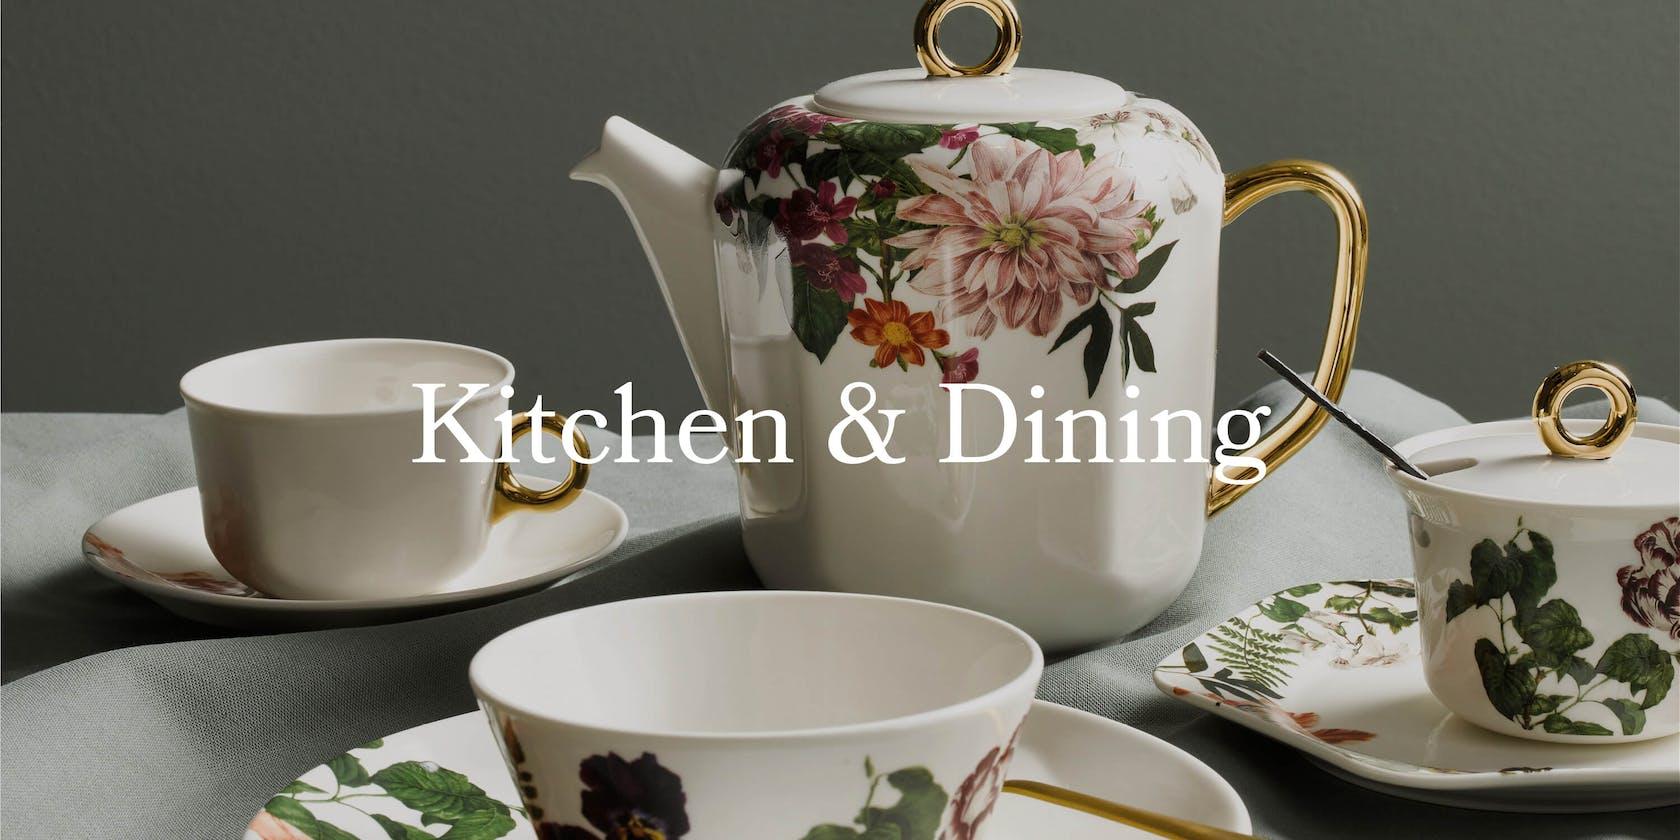 ESSENZA Kitchen & dining